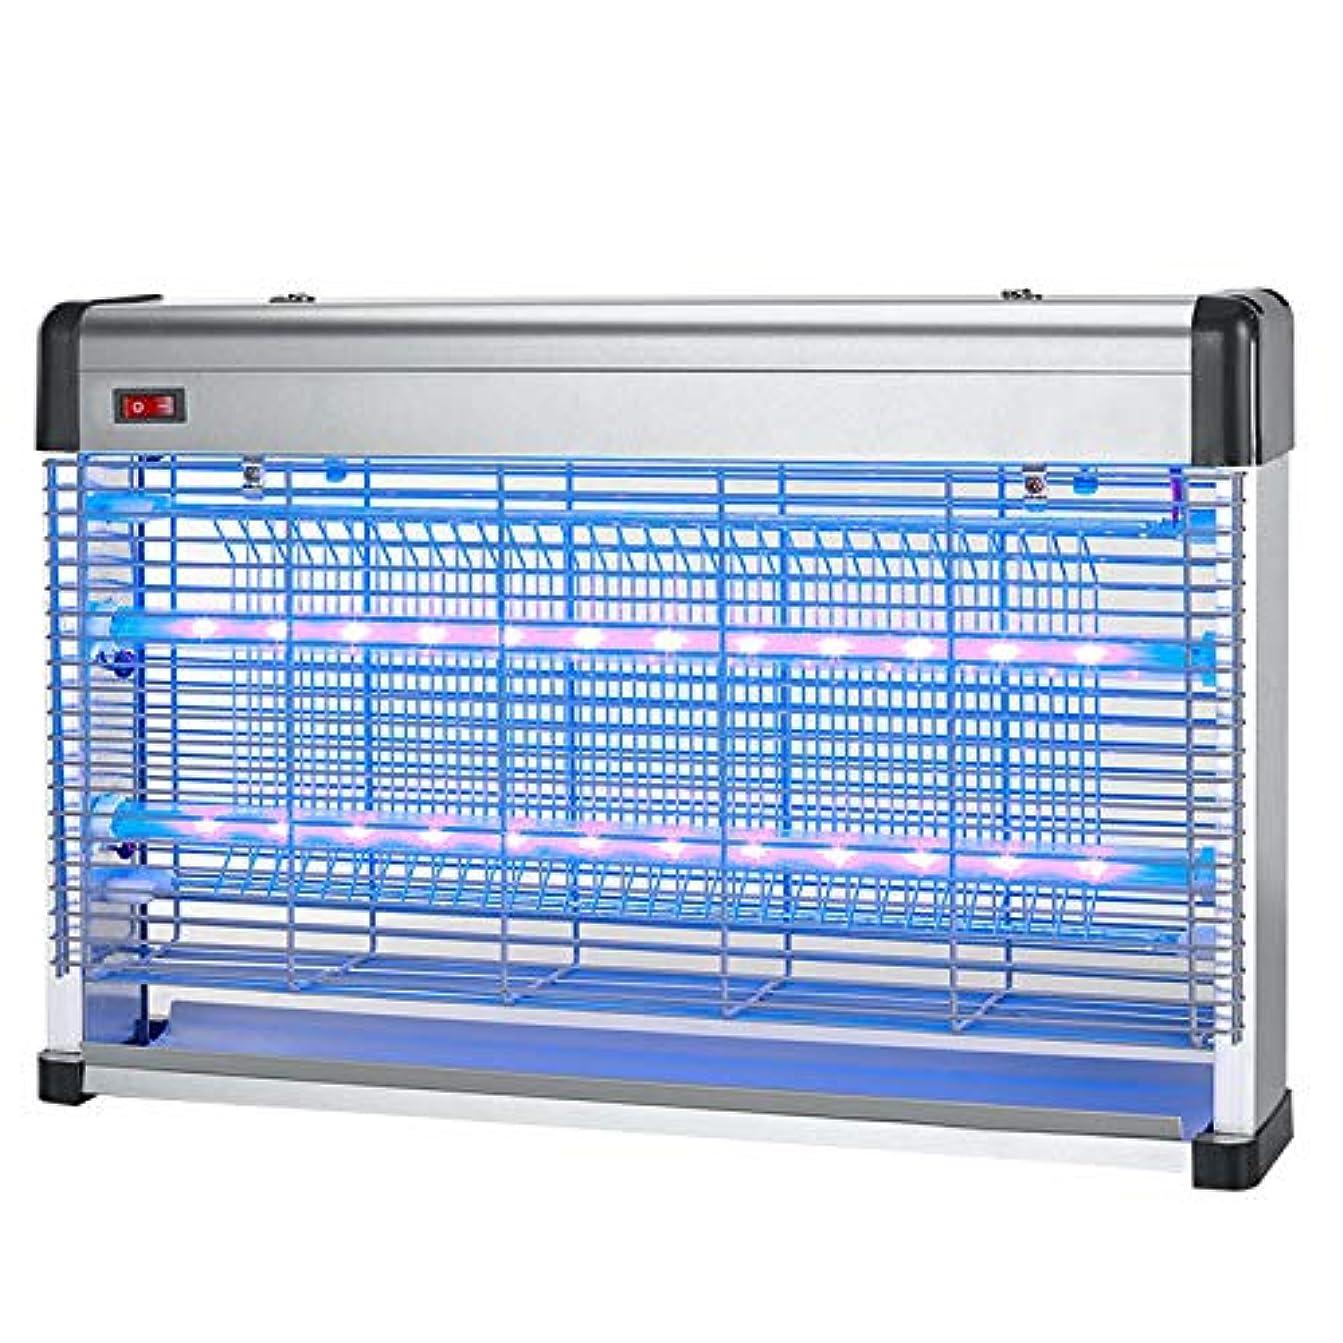 あなたはきらめき構成するFly Zapper Electric屋内、電動ハエキラー紫外線UV LEDハエザッパー昆虫ハエ蚊蛾キラー、22 W